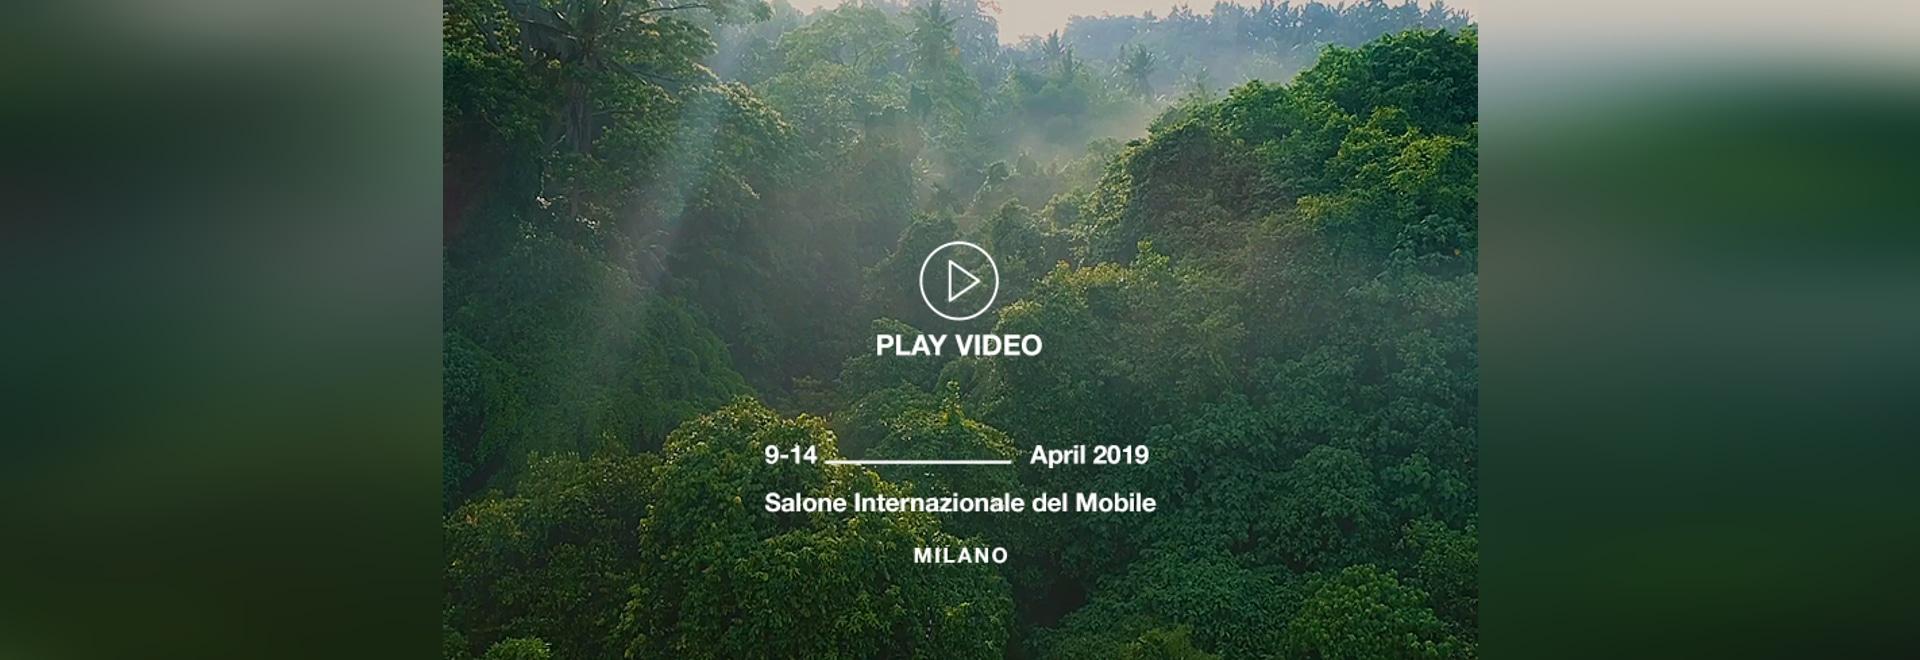 Opinion Ciatti au Salone Internazionale del Mobile